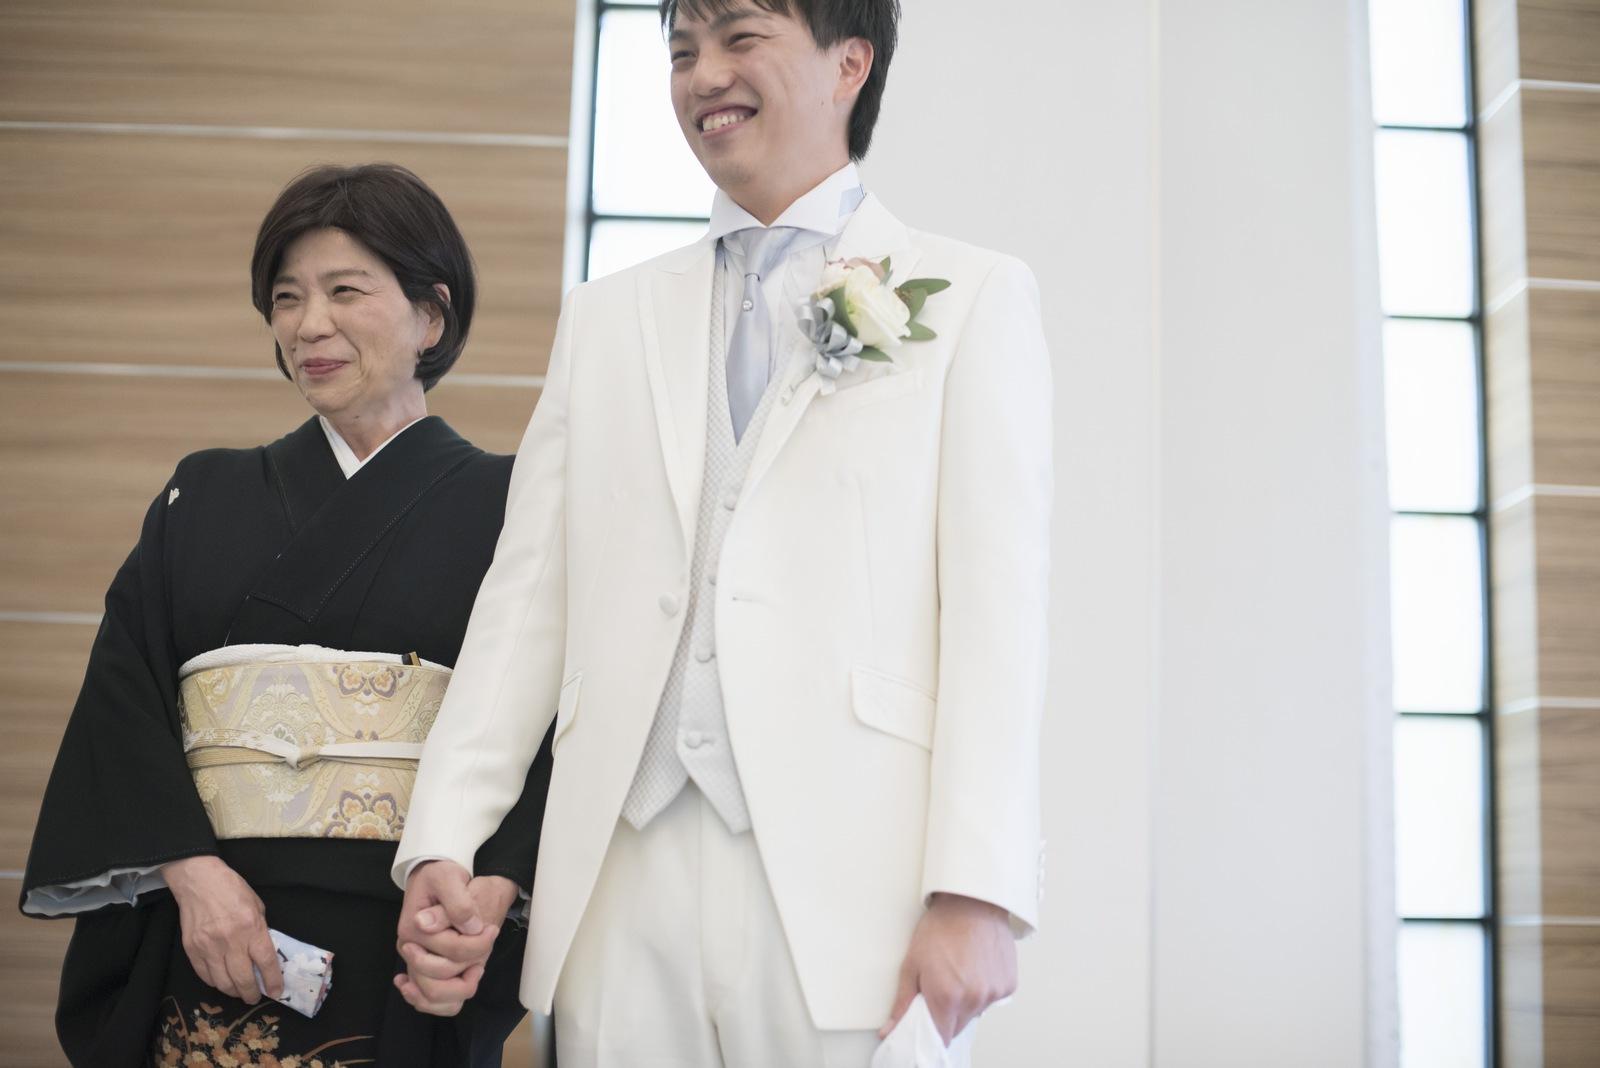 香川県の結婚式場シェルエメール&アイスタイル 新郎お色直し